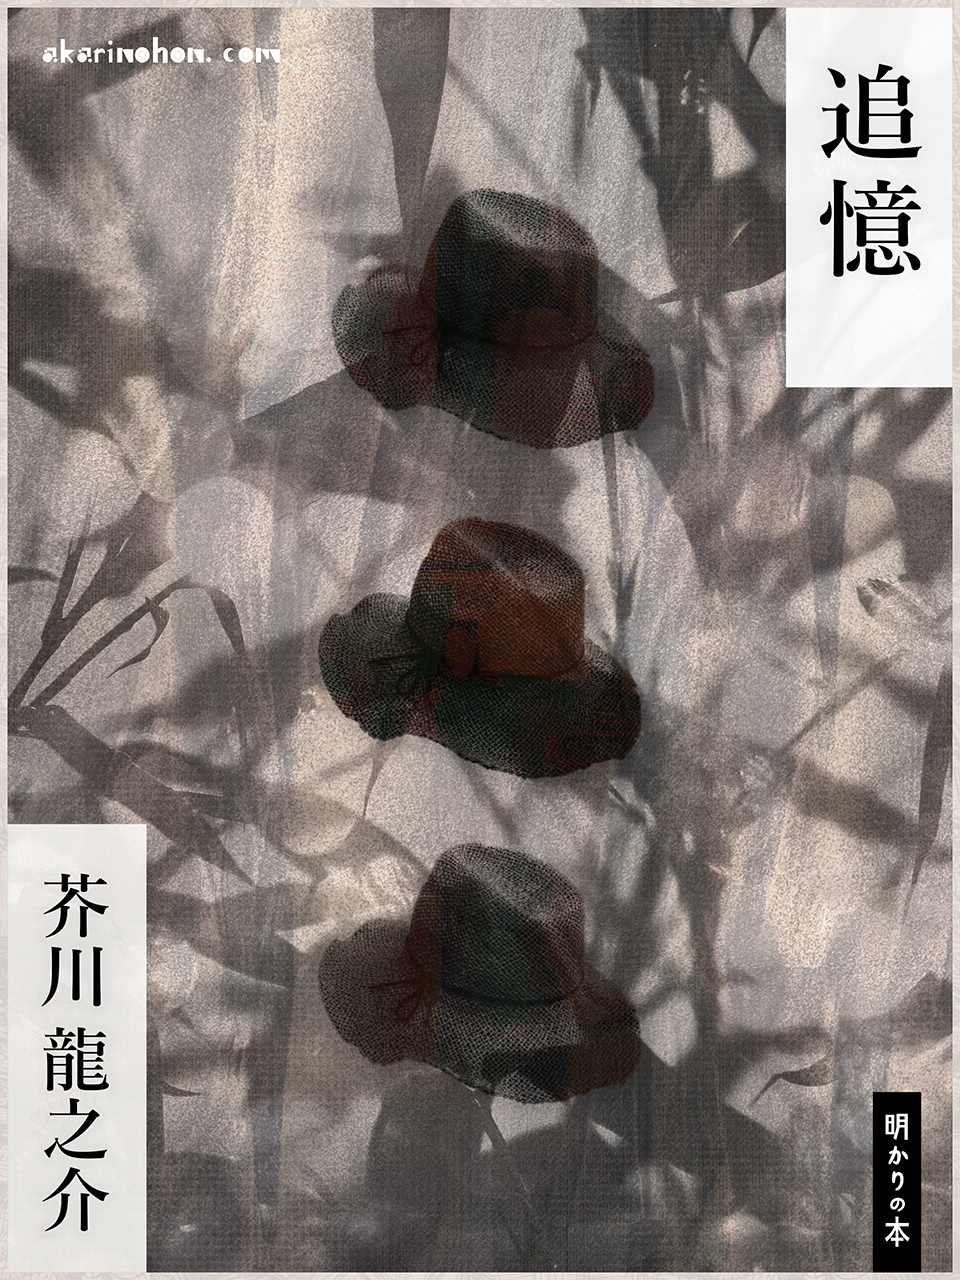 0000 - 追憶 芥川龍之介